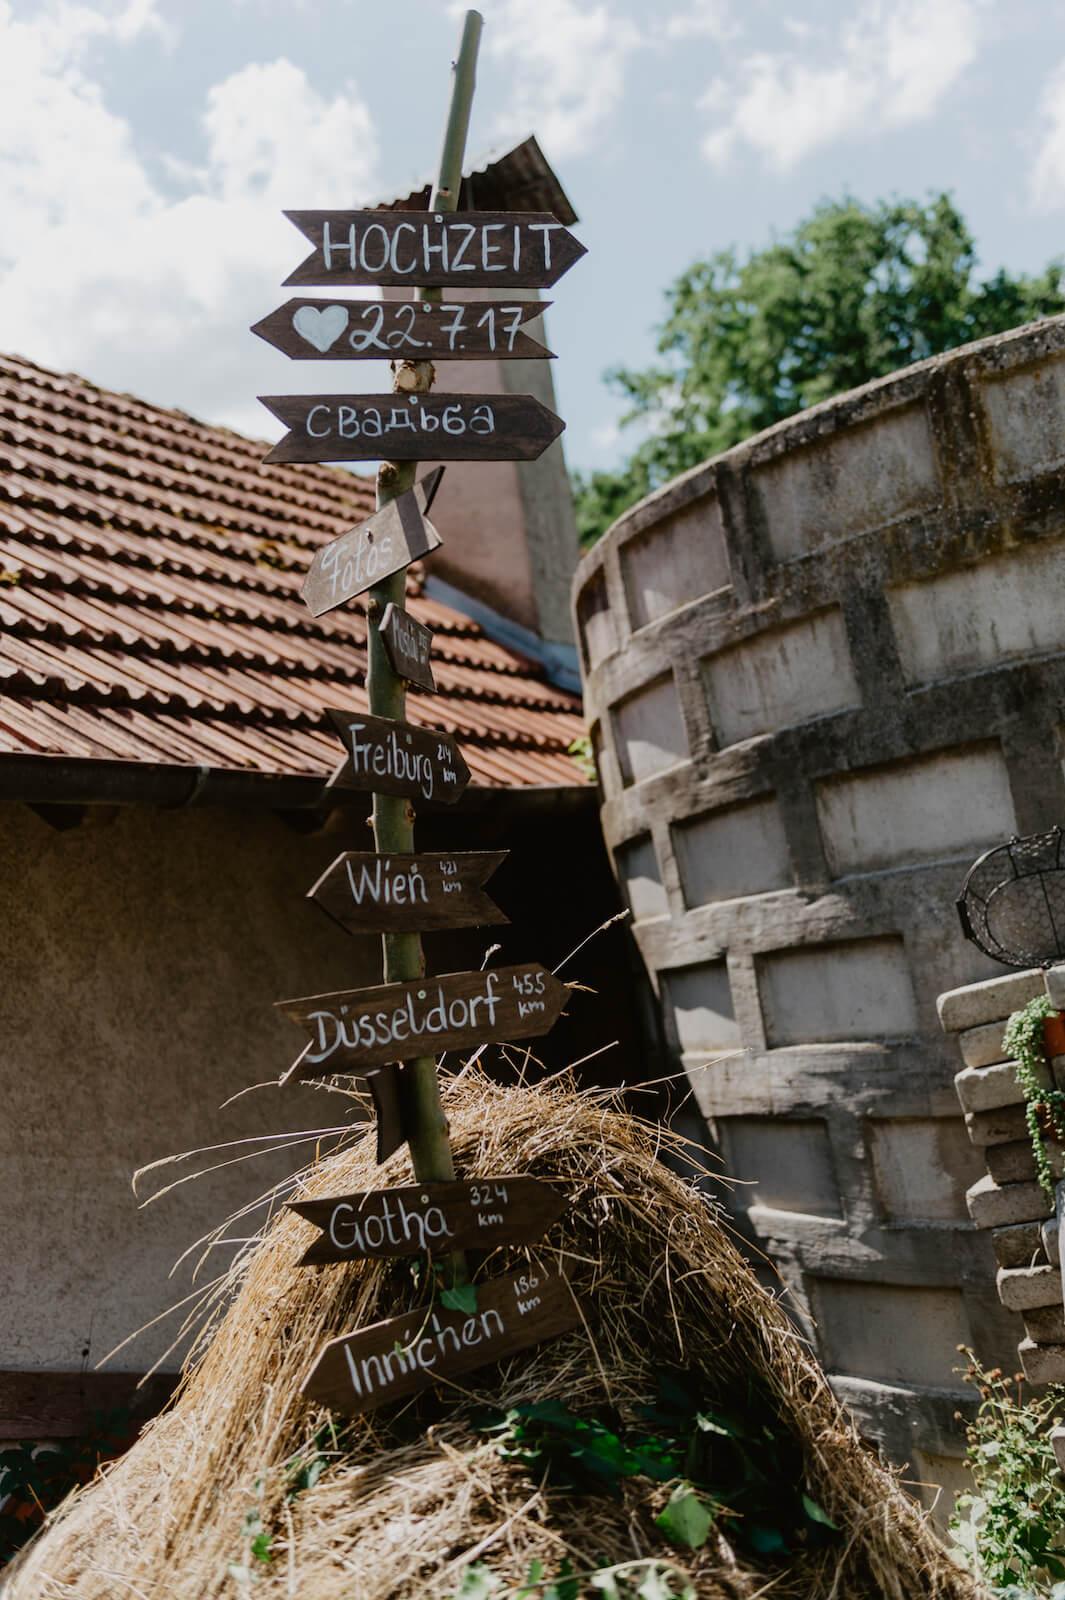 Gartenhochzeit Buchloe - Wegweiser im Heuhaufen